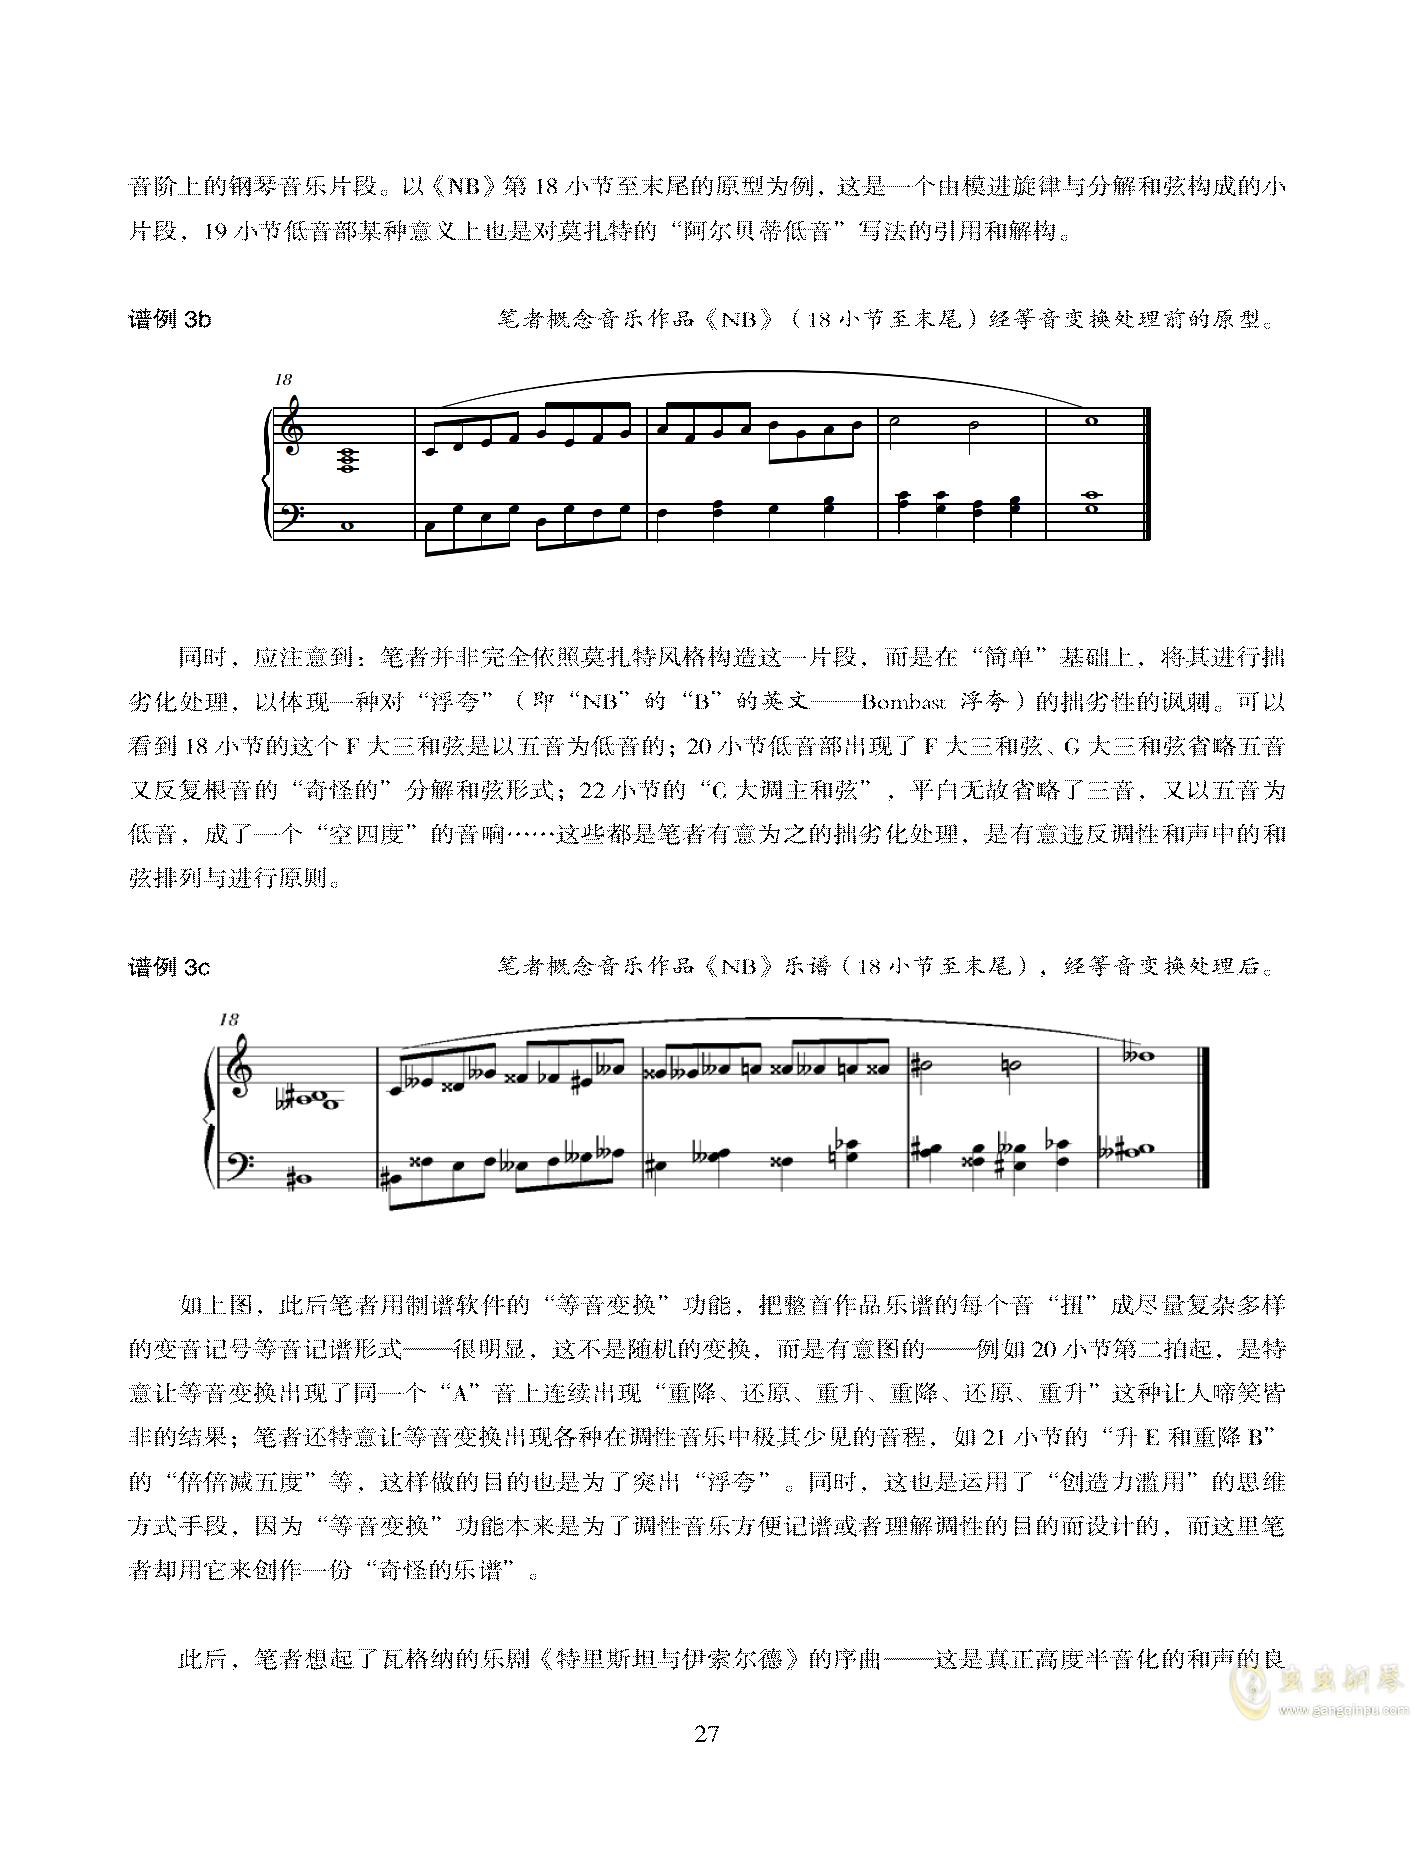 真·硕士论文ag88环亚娱乐谱 第31页